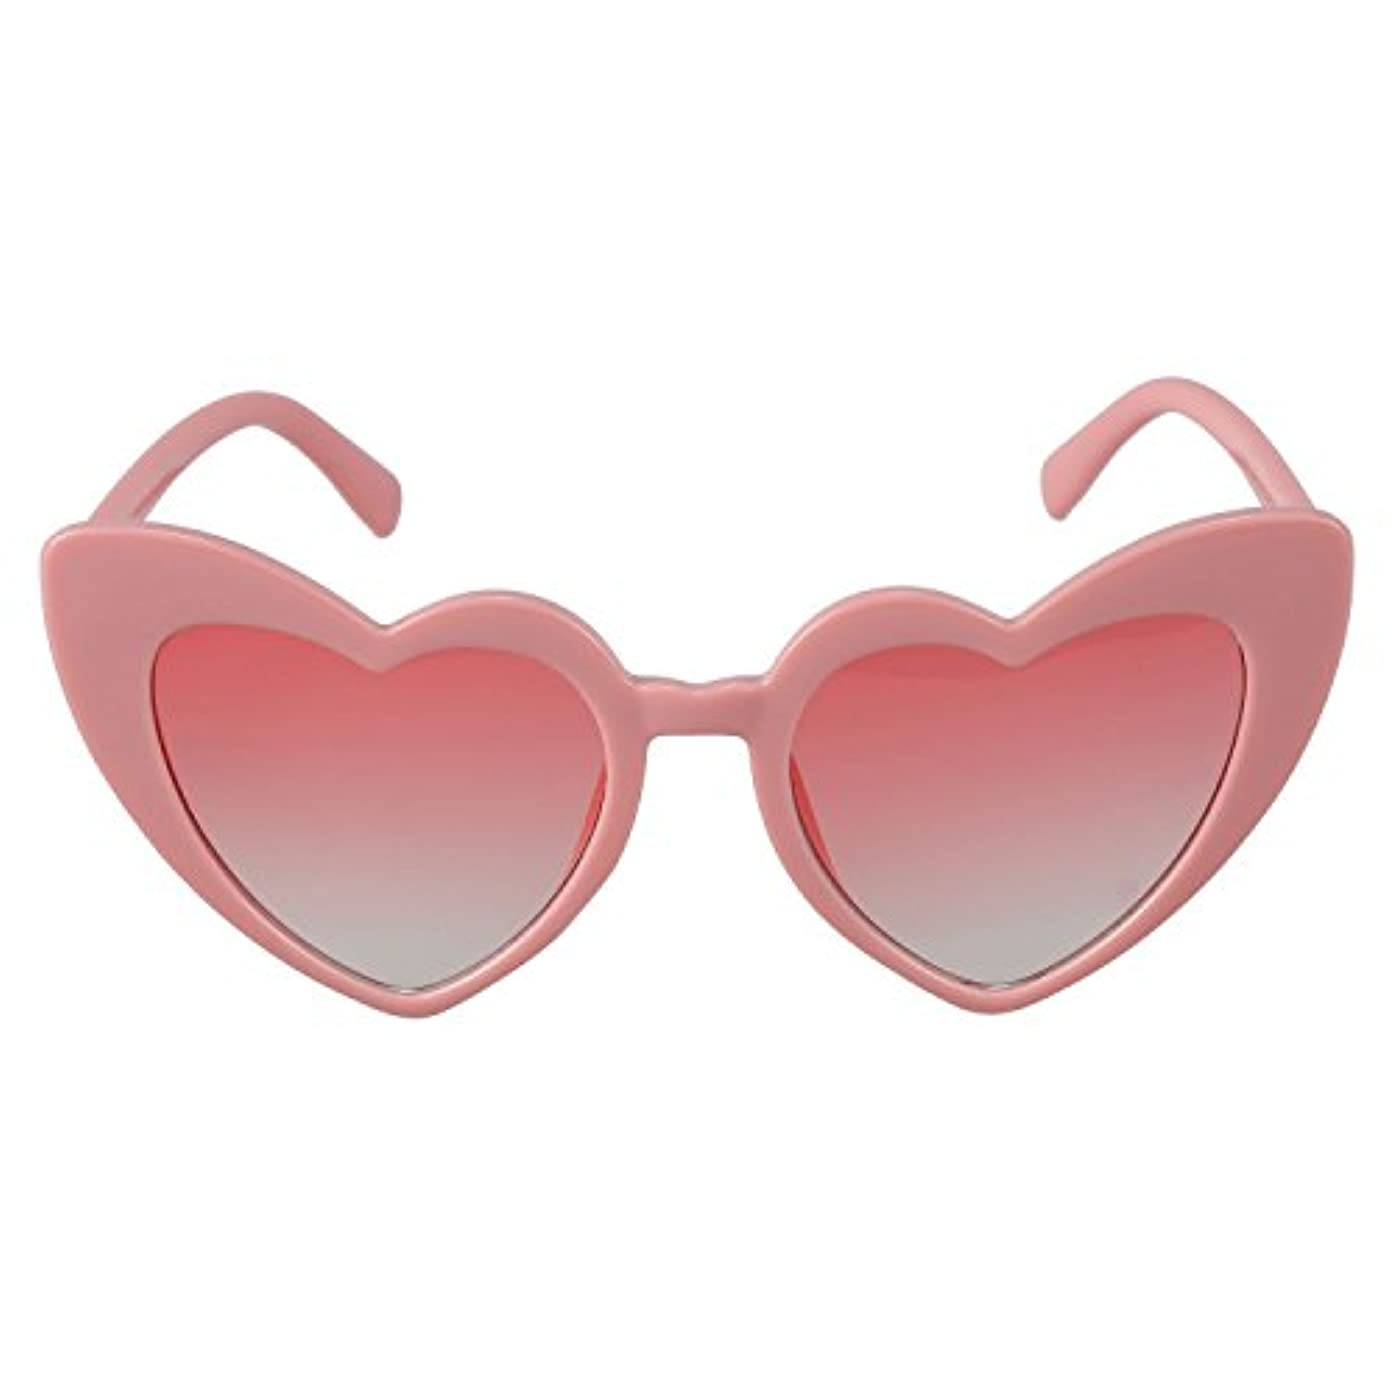 矩形仮定する喉が渇いたJVSISM ハートサングラス女性小さなハート型サングラスレディースファッション眼鏡S17070ピンクの枠+ピンク